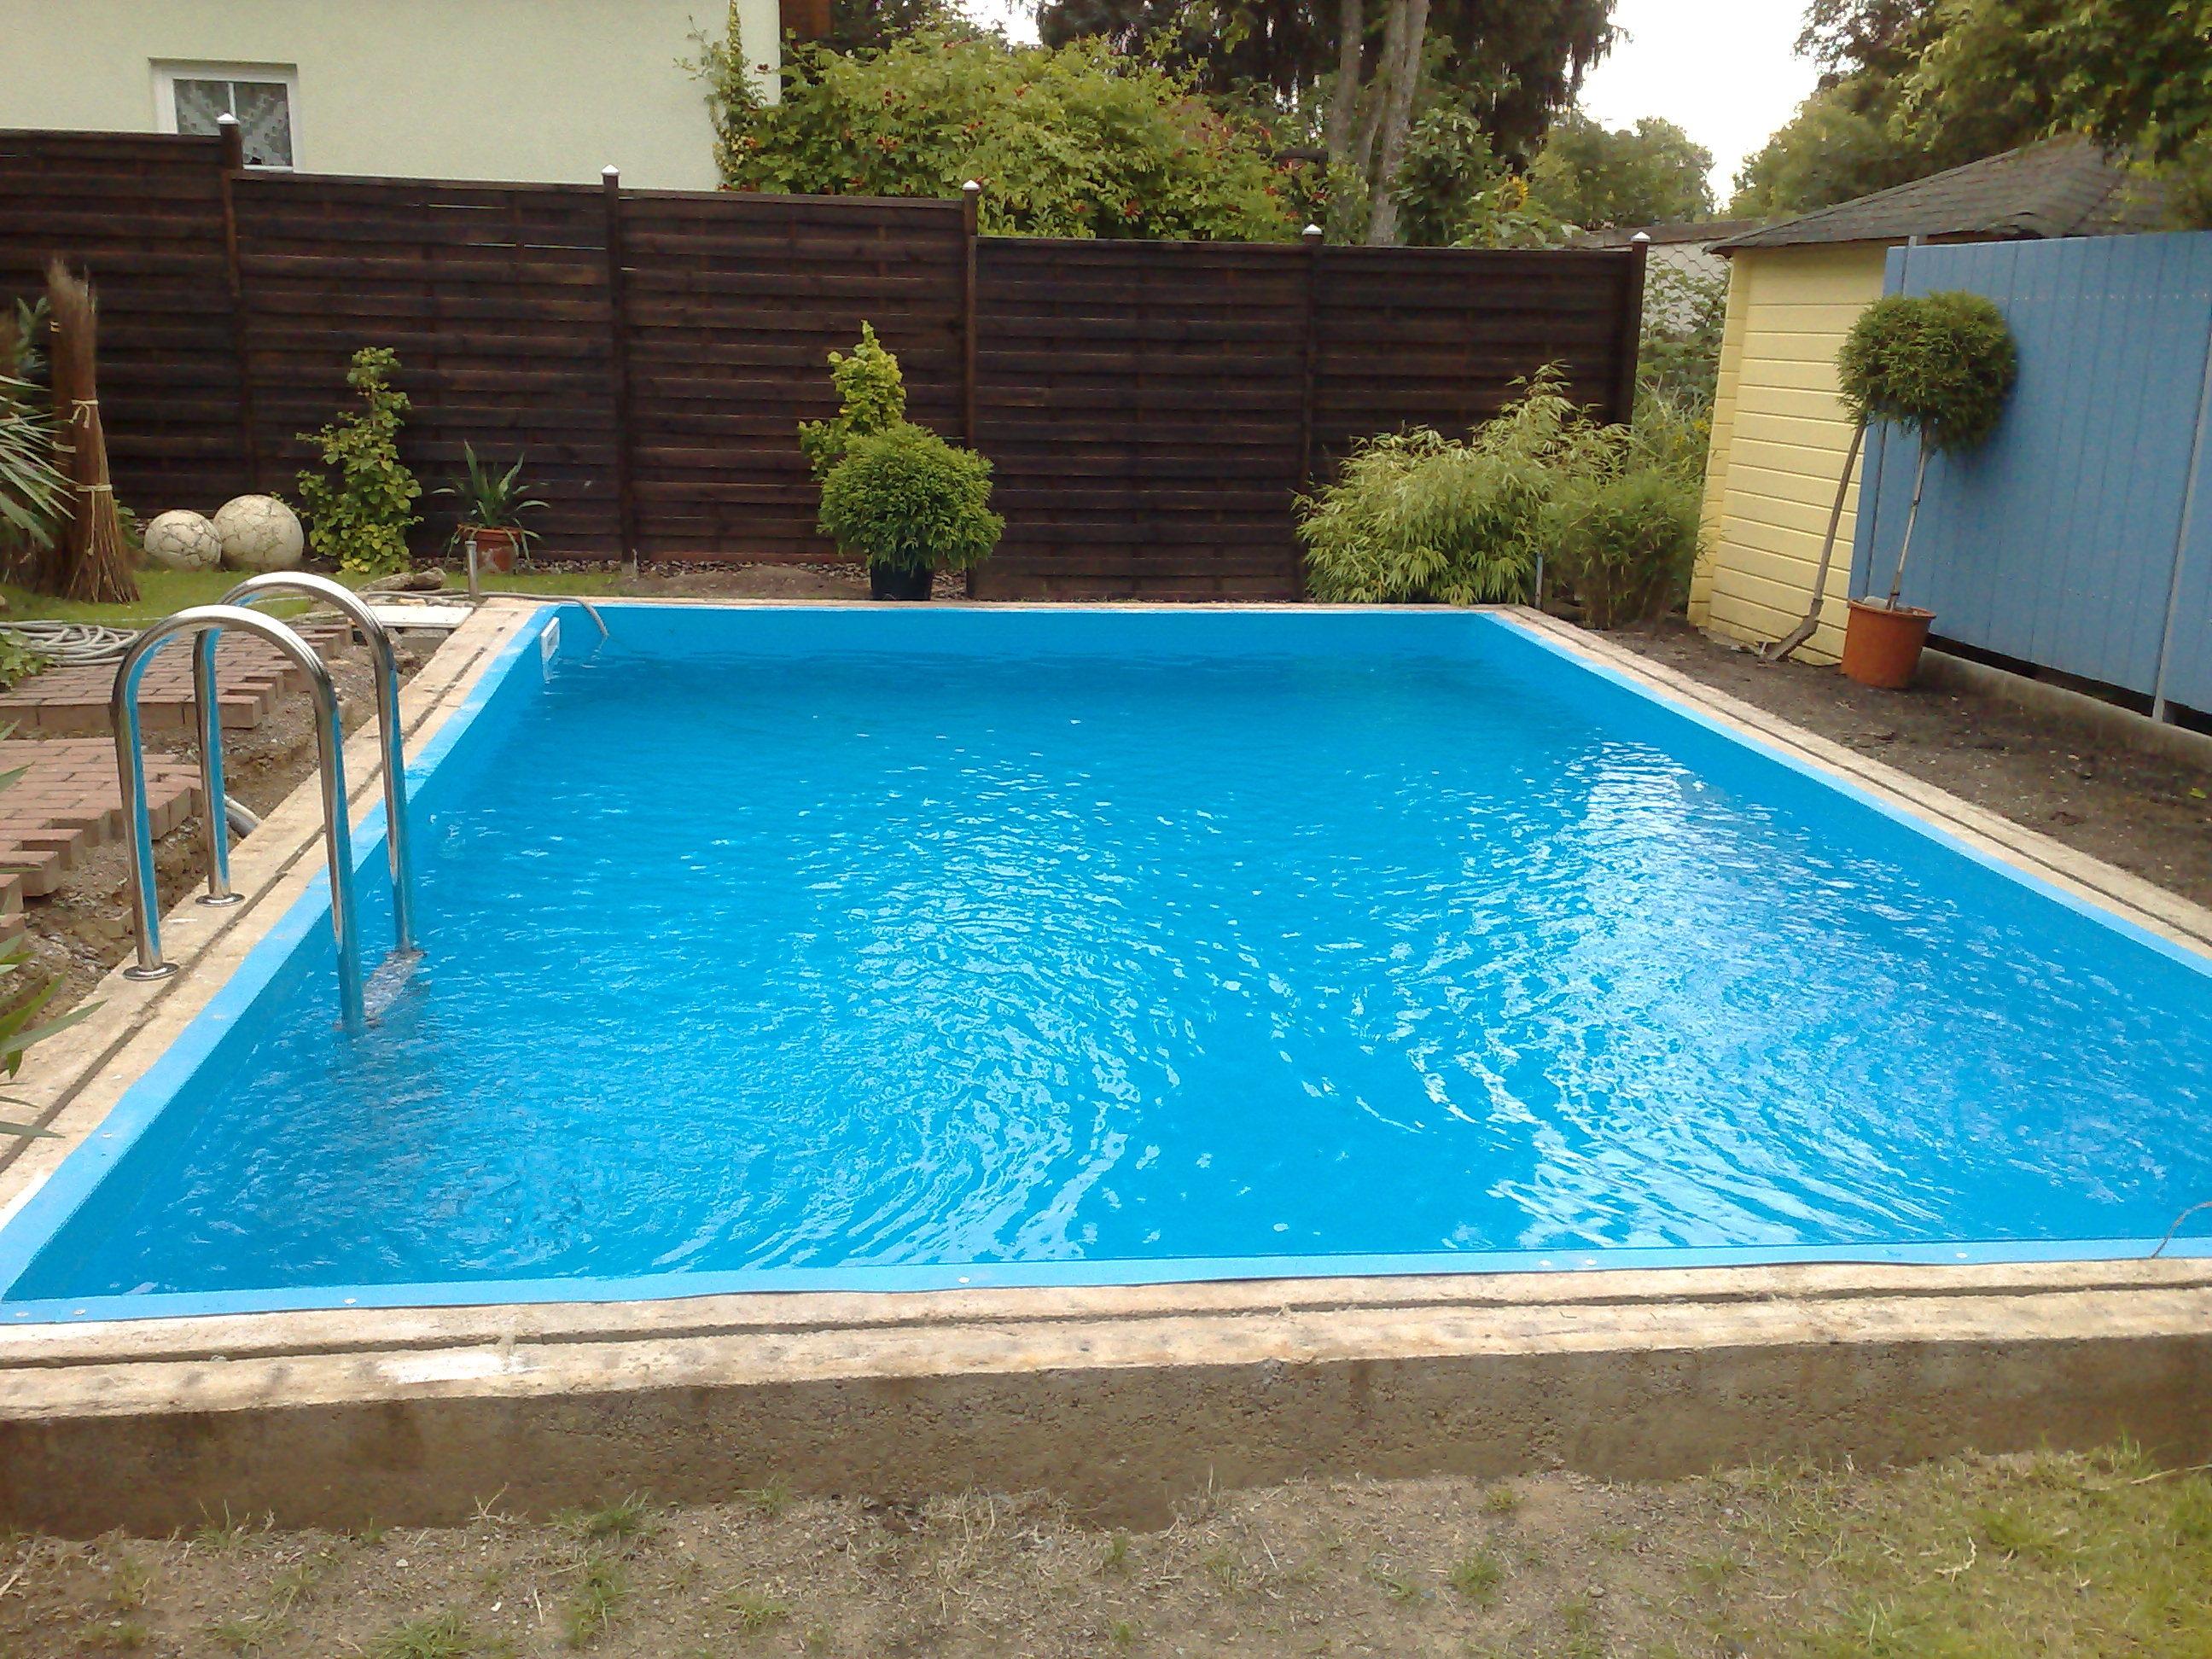 das Bid zeigt einen Swimming Pool, der als Komplett Set geleifert wurde